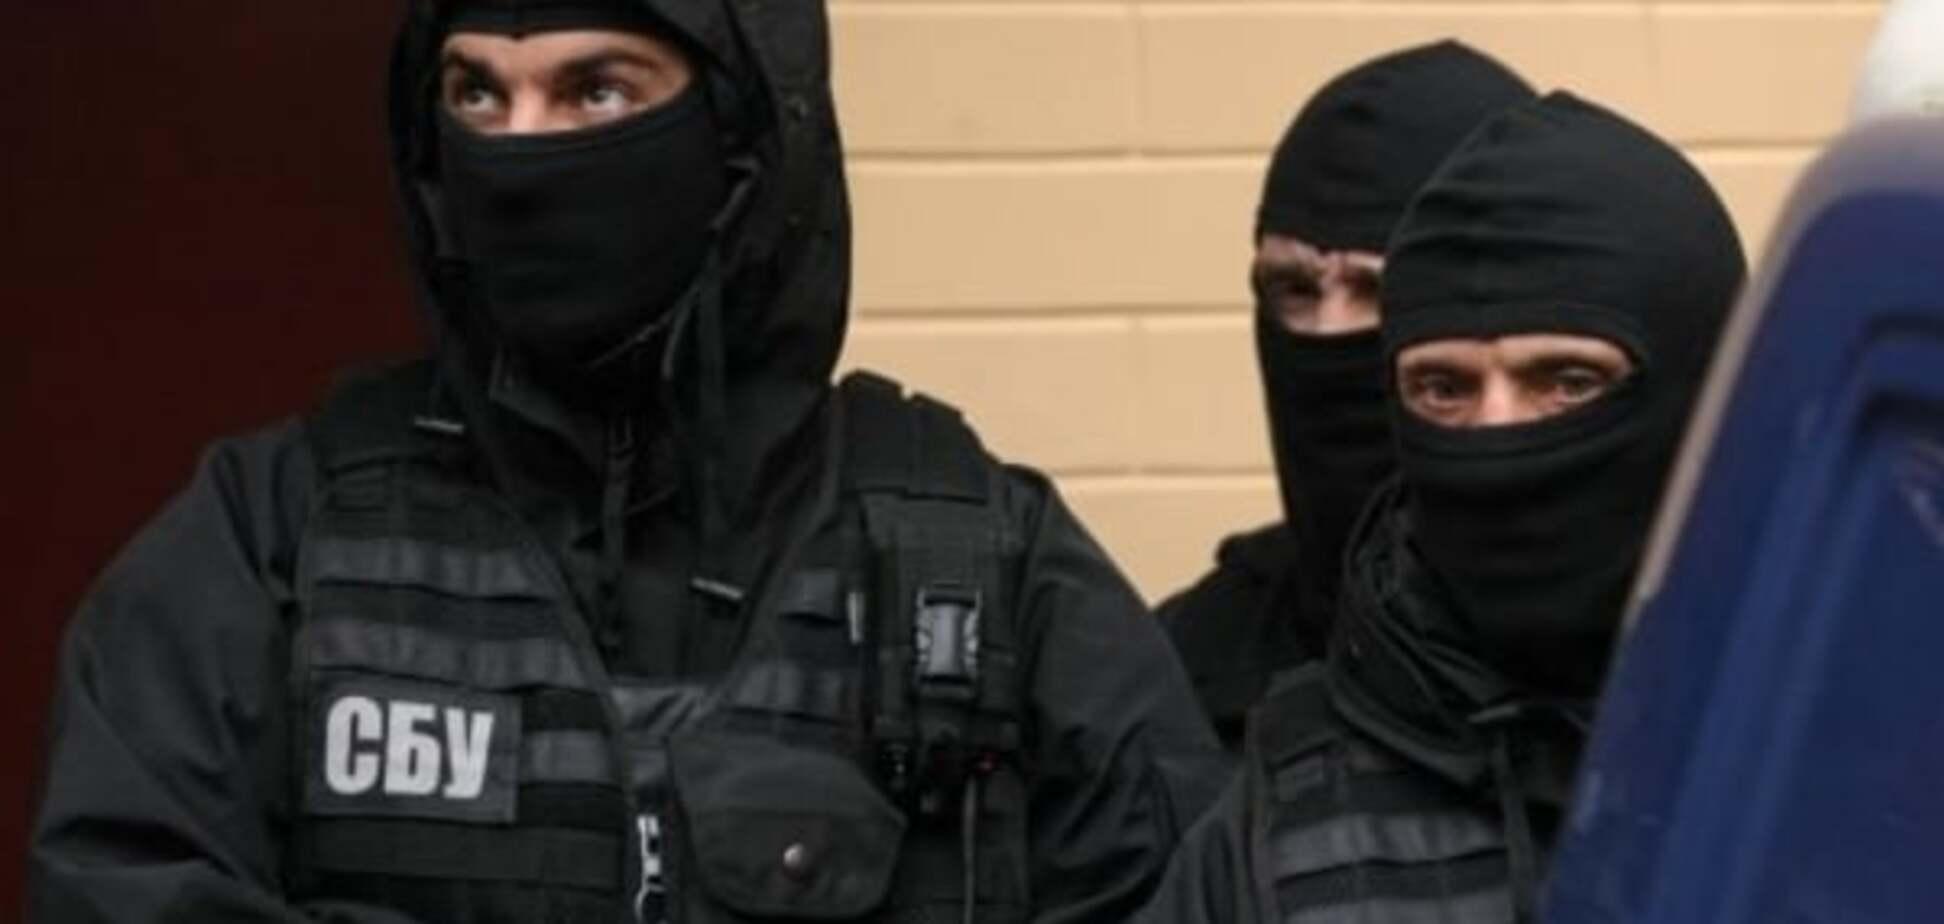 В Киеве сотрудники СБУ попали  в драку: есть пострадавшие